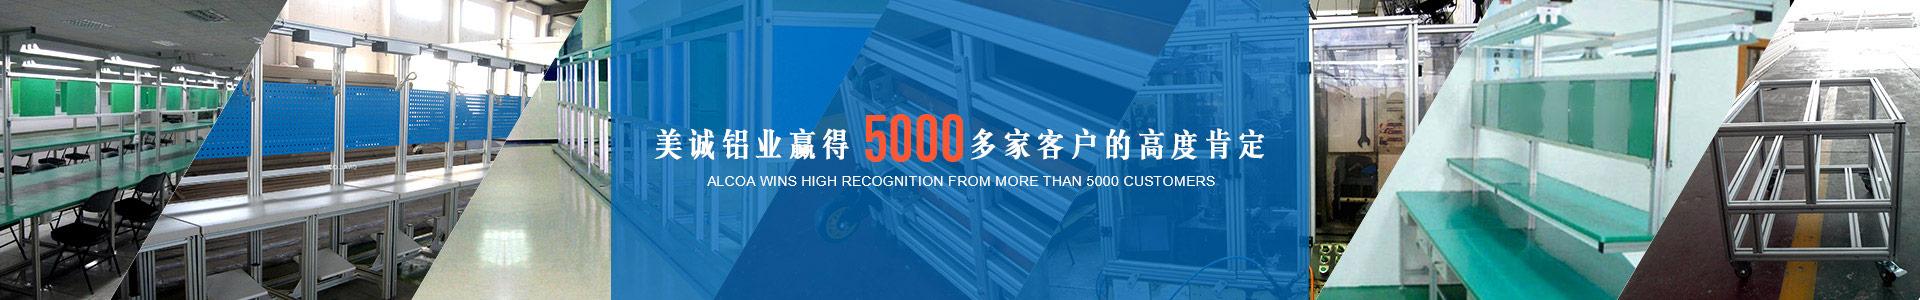 美诚铝业赢得5000多加客户的高度肯定